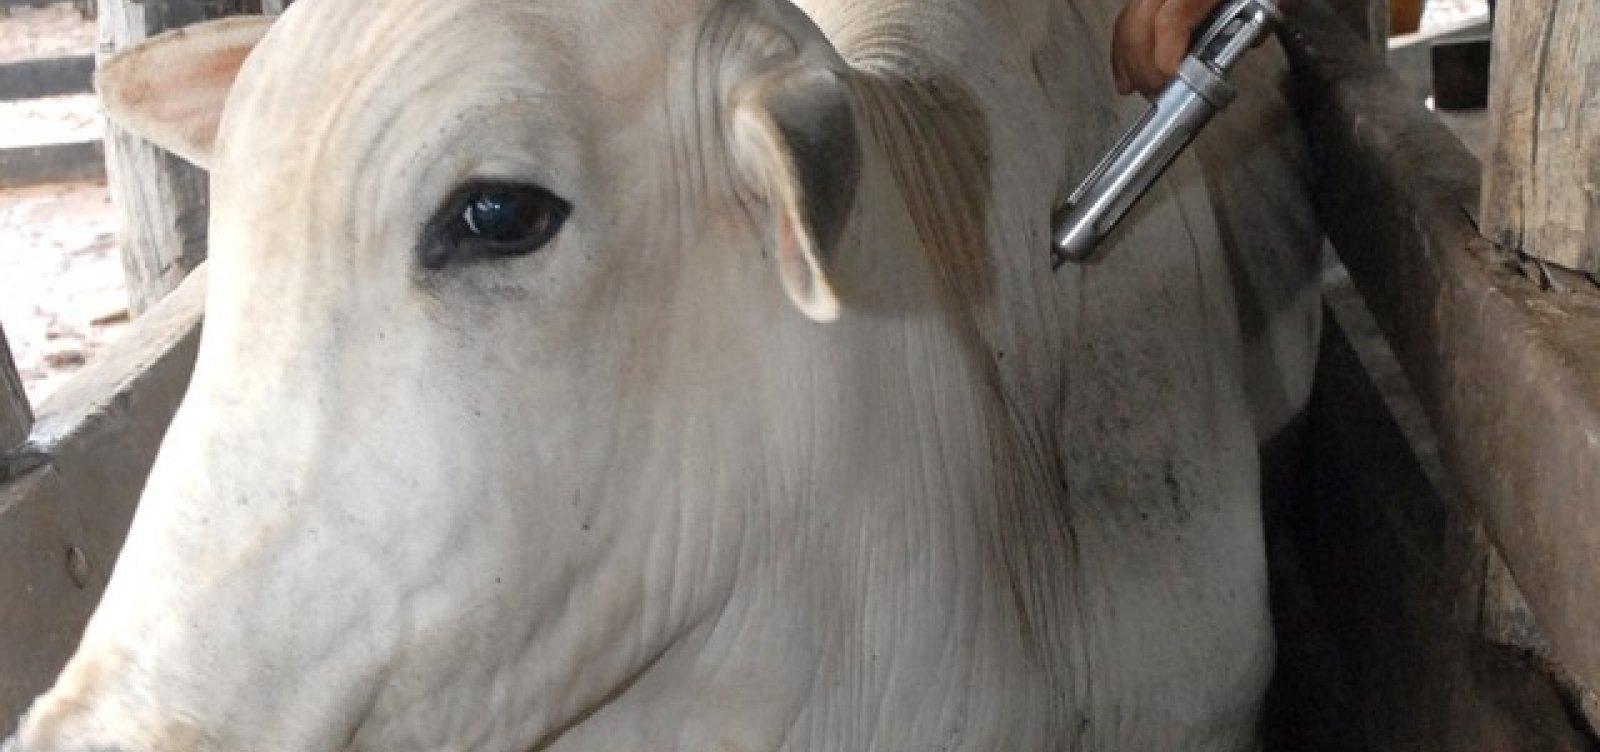 Vacinação contra Febre Aftosa na Bahia termina no dia 31 de maio